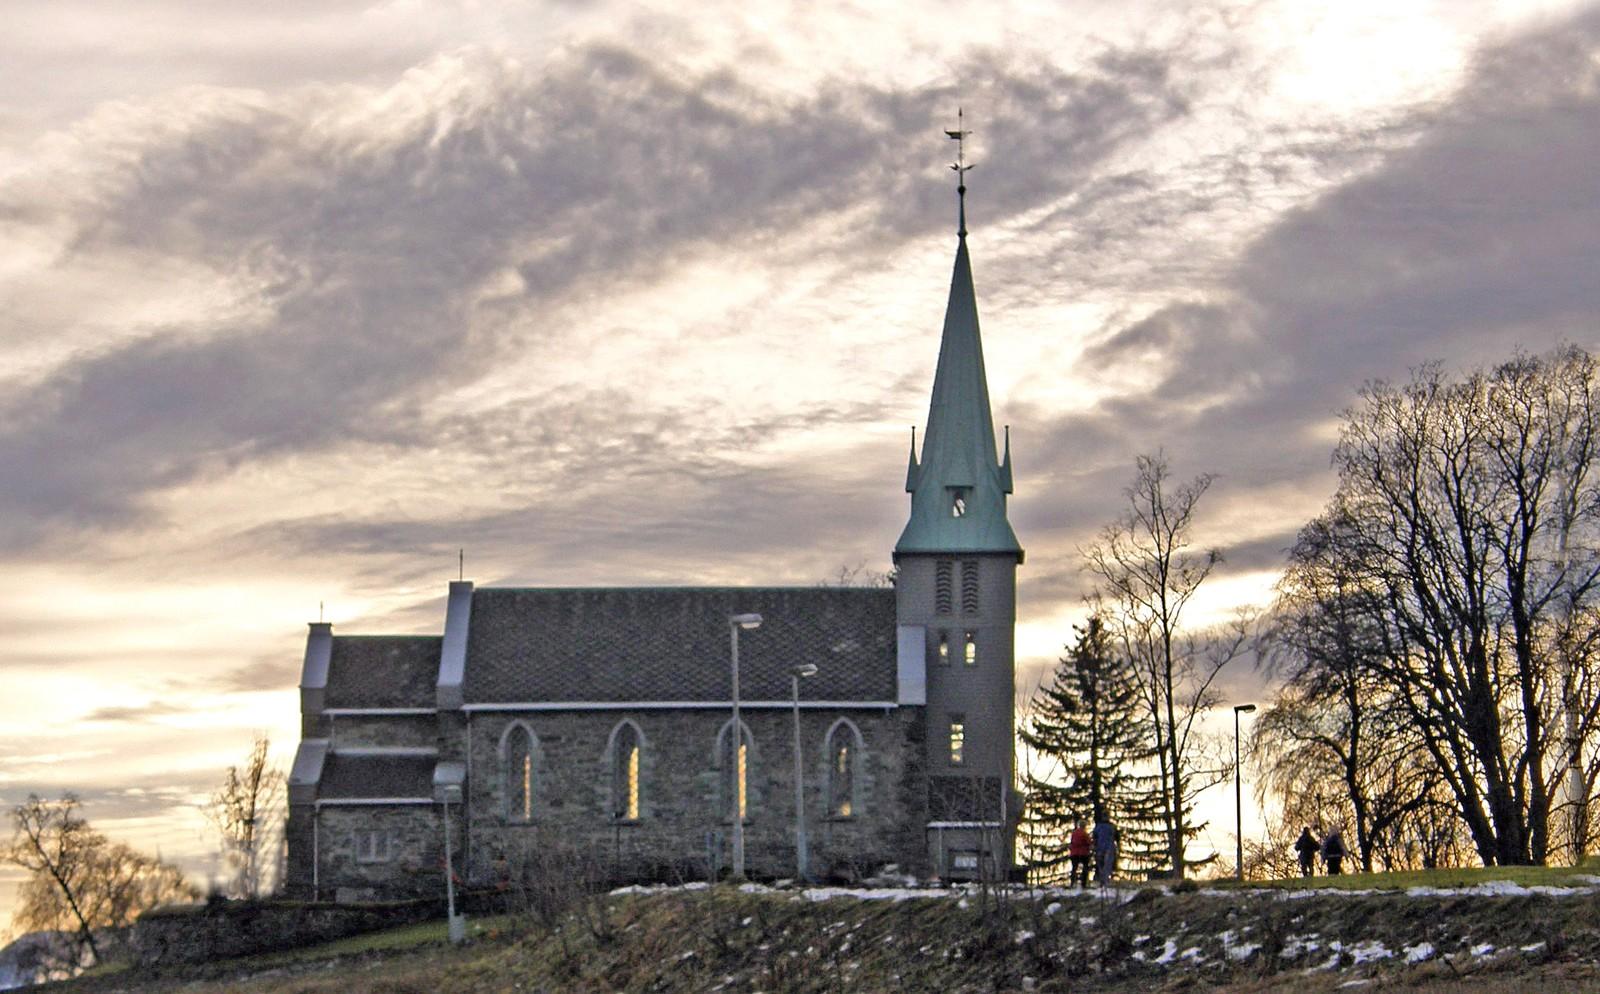 Havstein kirke er bygd i gotisk stil i 1857. Det er en langkirke i stein med 200 plasser.